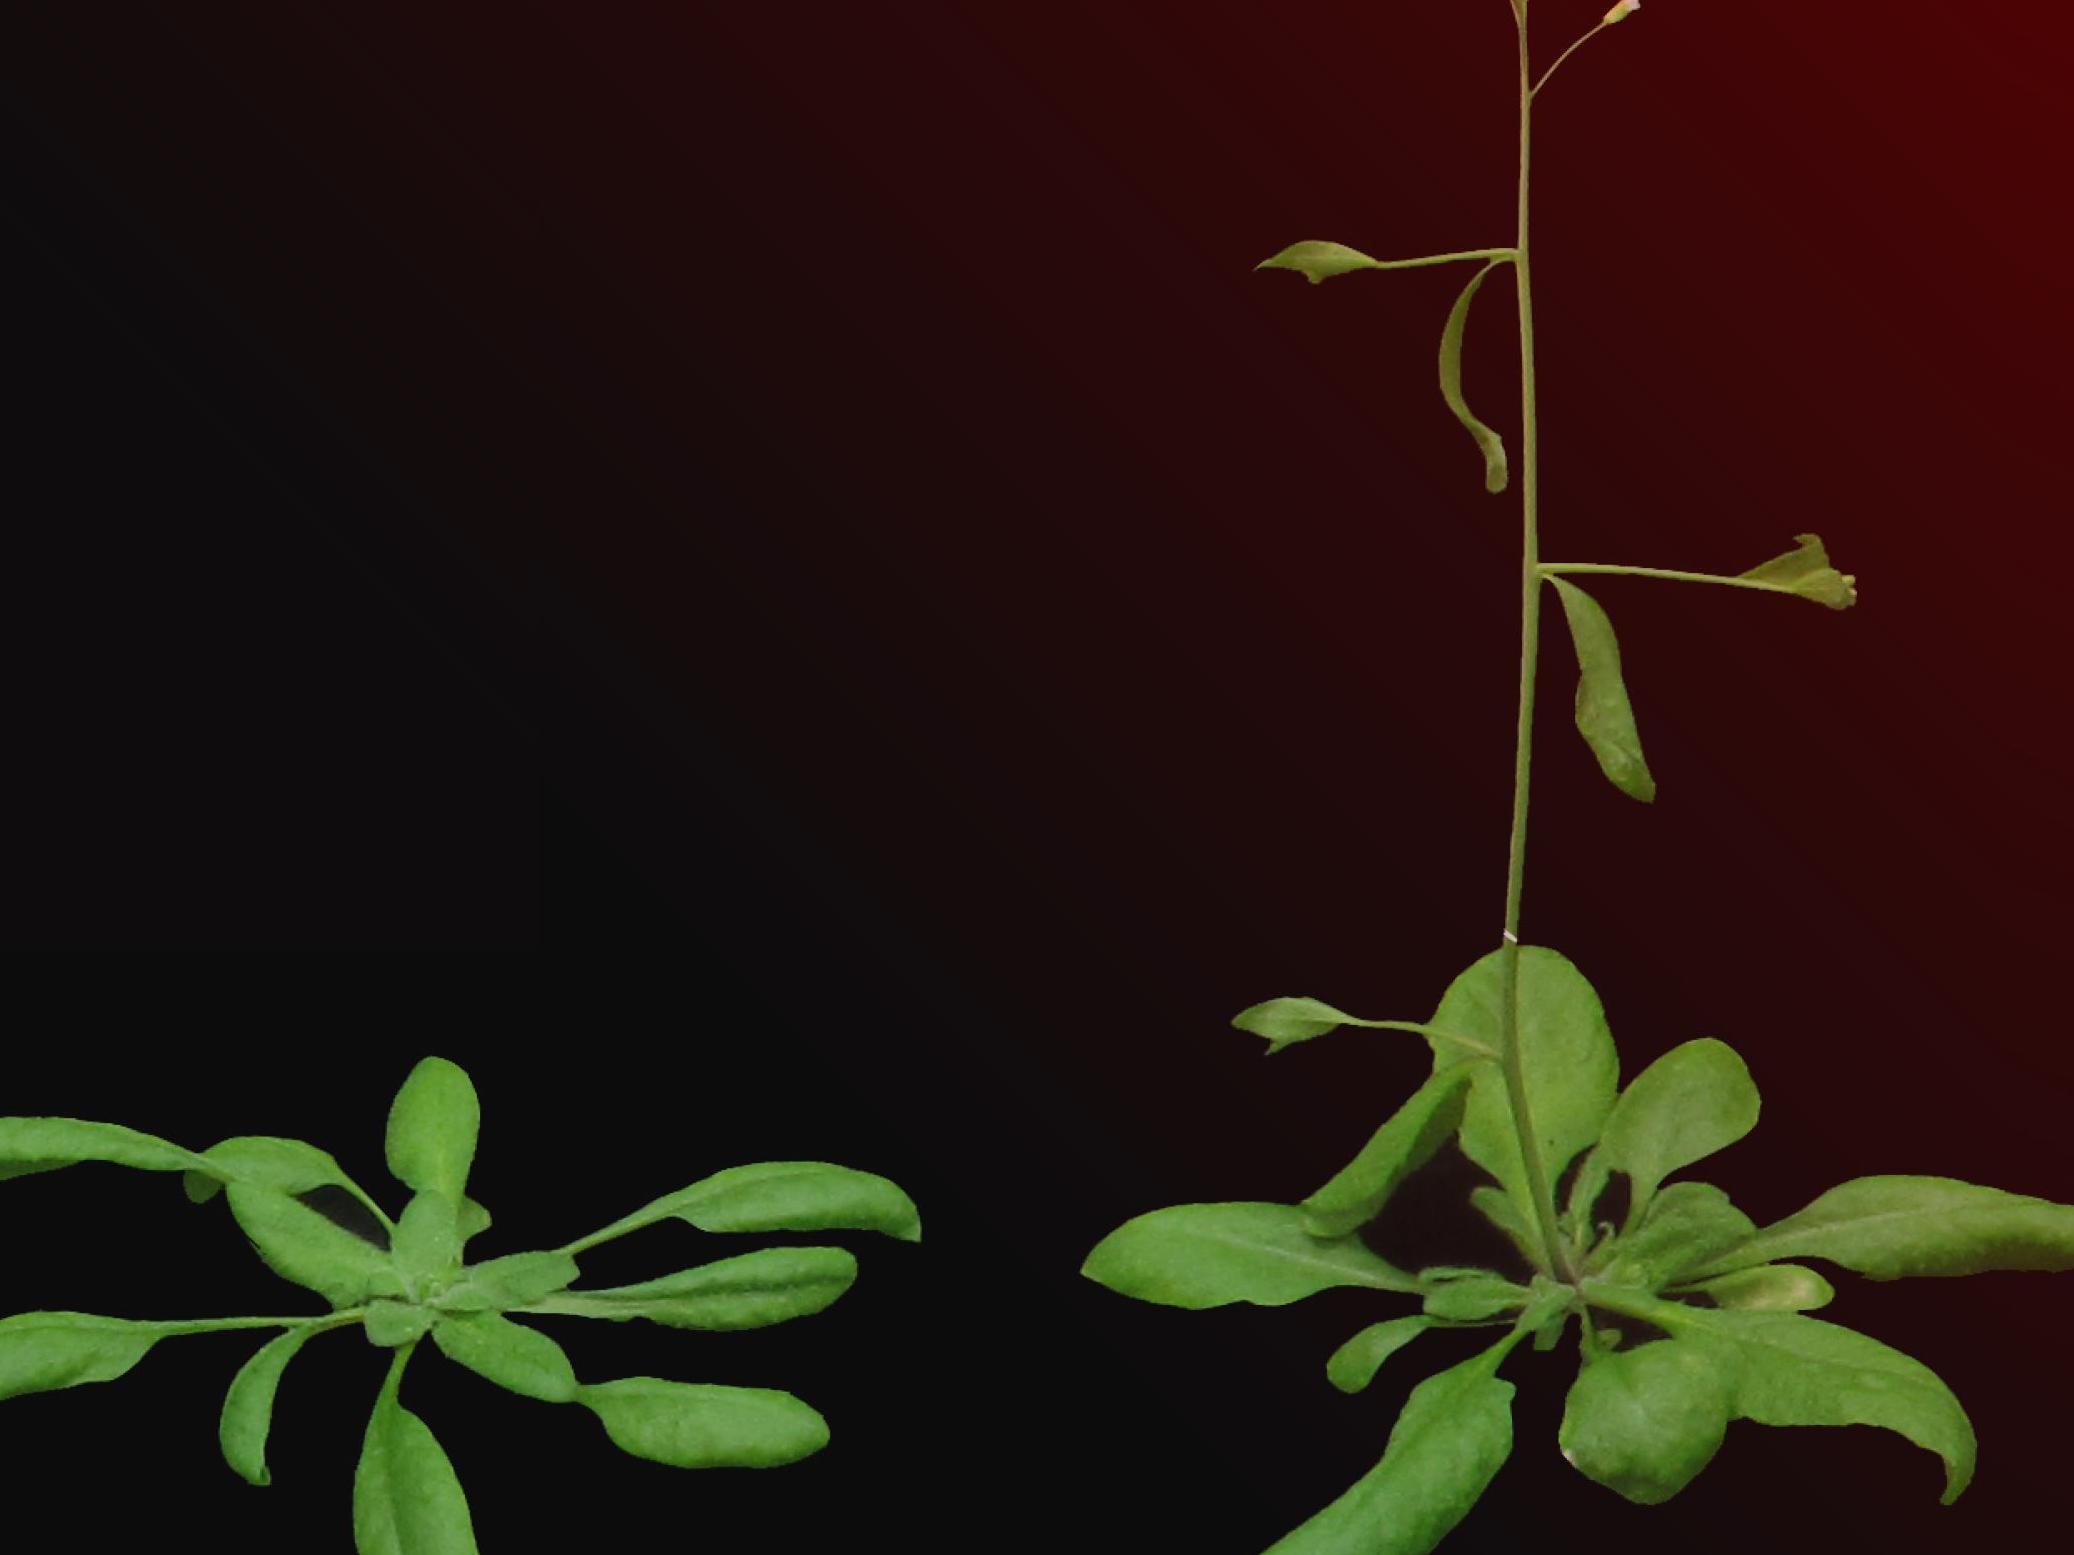 Une forte densité végétale accélère la reproduction des plantes